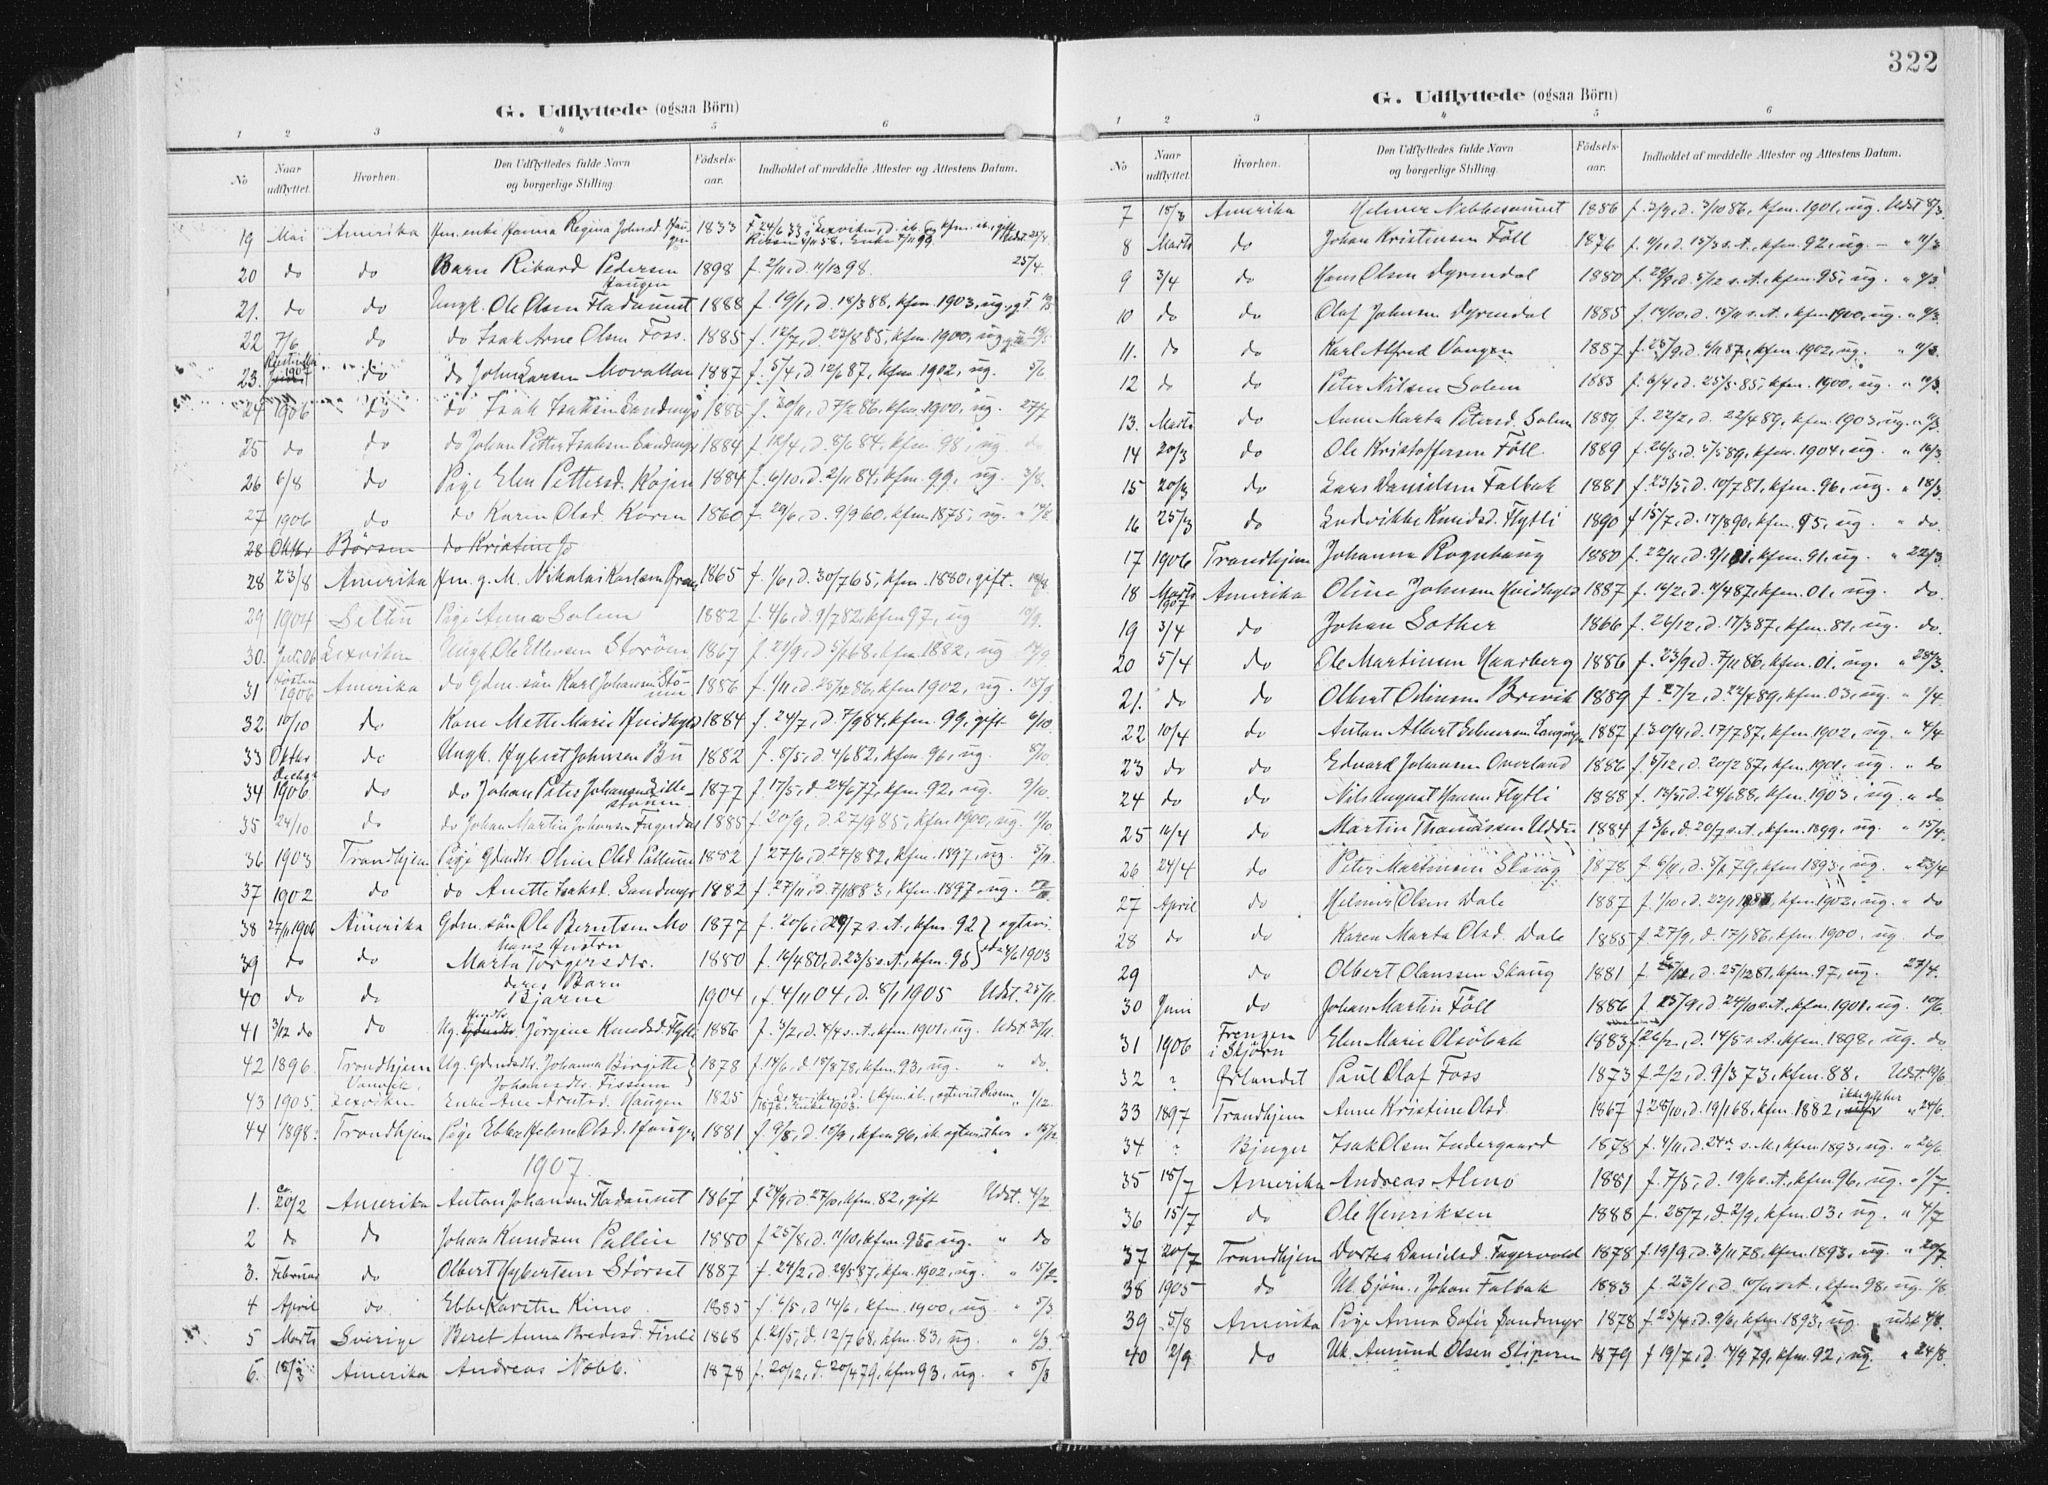 SAT, Ministerialprotokoller, klokkerbøker og fødselsregistre - Sør-Trøndelag, 647/L0635: Ministerialbok nr. 647A02, 1896-1911, s. 322